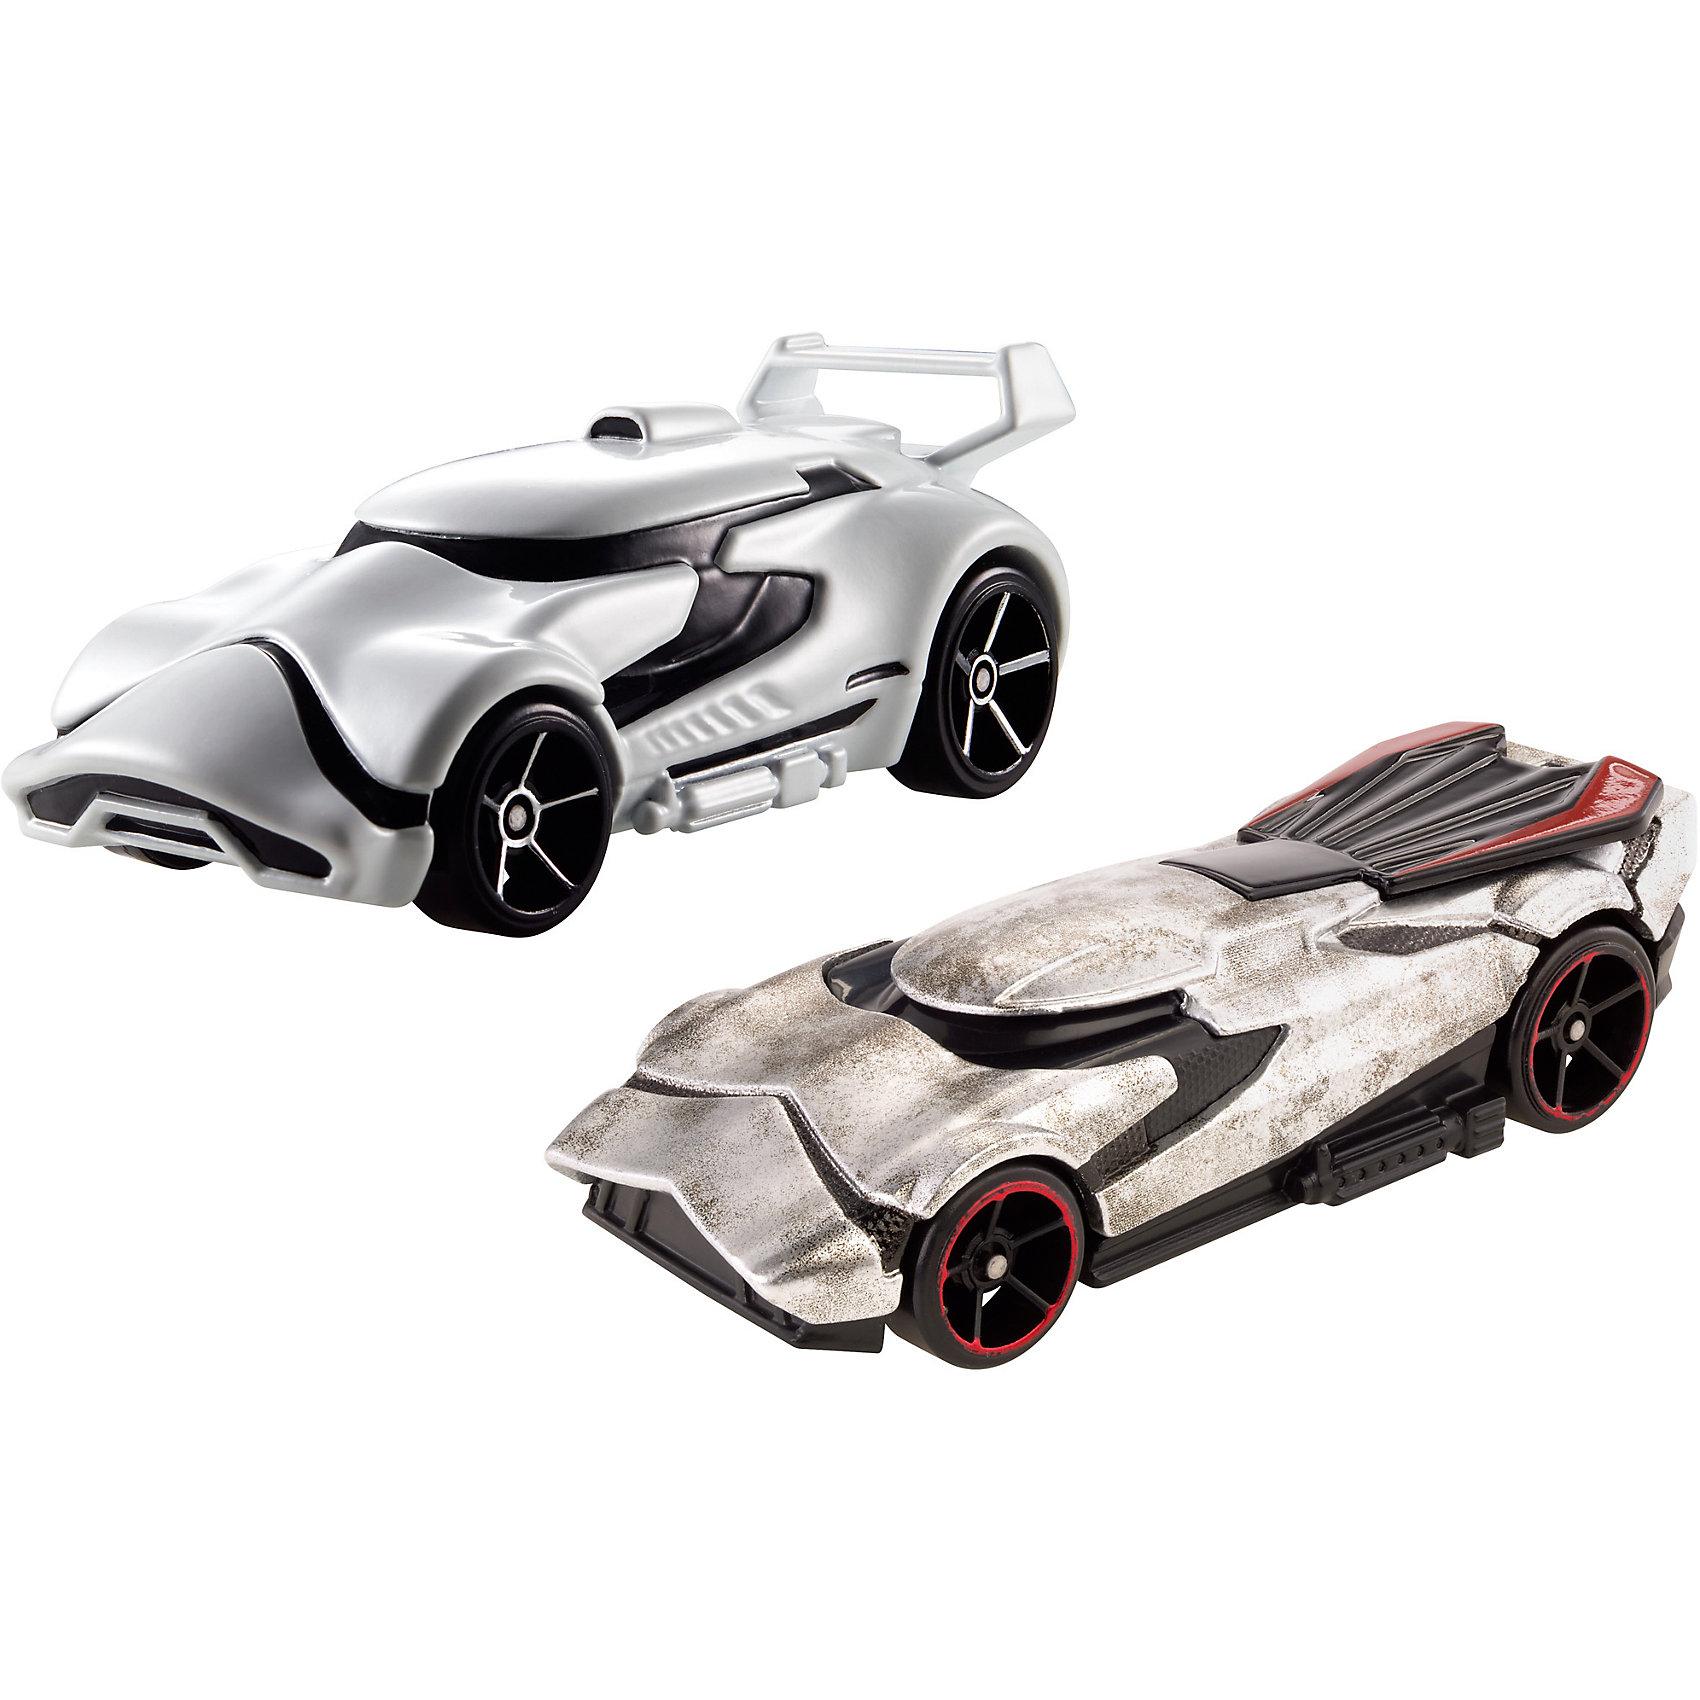 Набор из 2-х машинок Звездные войны, Hot WheelsМашинки<br>Базовые машинки Star Wars, Hot Wheels (Хот Вилс) – этот набор порадует юного автолюбителя и поклонника межгалактических приключений. В этом наборе от Хот Вилс любимые миллионами персонажи «Звездных войн» робот C-3PO и астродроид R2D2 предстают в виде машинок. Несмотря на то, что их внешний вид в фильмах нисколько не походил на машины, каждый персонаж прекрасно узнаваем по цветам и характерным деталям, которые перешли от героев в дизайн автомобилей. Машинки понравятся поклонникам всех возрастов: соберите полную коллекцию и устраивайте гонки по всей галактике!  <br><br>Дополнительная информация:  <br>- В комплекте: 2 машины <br>- Масштаб: 1:64 <br>- Материал: пластик, металл <br>- Упаковка: блистер на картоне <br>- Размер упаковки: 20,3 x 6,4 x 16,5 см.  <br><br>Базовые машинки Star Wars, Hot Wheels (Хот Вилс) можно купить в нашем интернет-магазине.<br><br>Ширина мм: 65<br>Глубина мм: 205<br>Высота мм: 165<br>Вес г: 166<br>Возраст от месяцев: 48<br>Возраст до месяцев: 120<br>Пол: Мужской<br>Возраст: Детский<br>SKU: 4983083